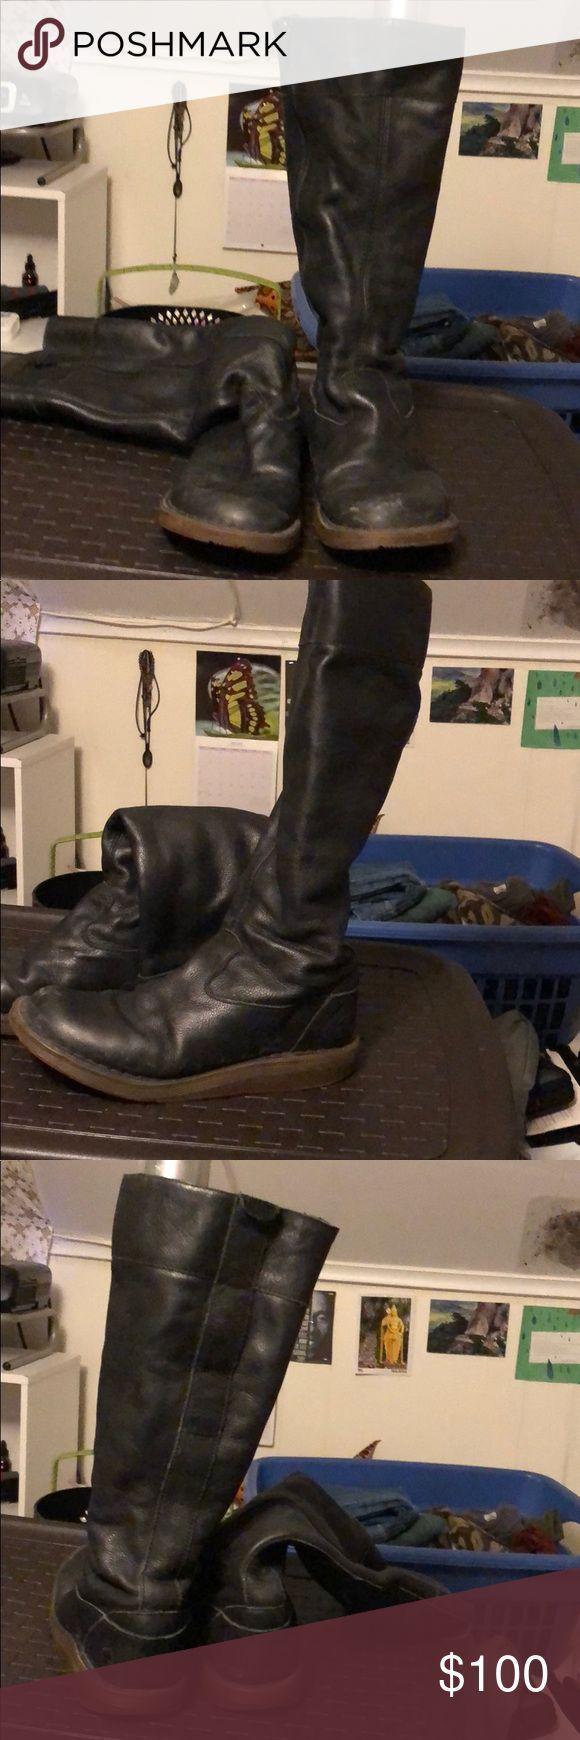 Dr. Martens Größe 8 schwarze kniehohe Stiefel Dr. Martens Größe 8 schwarze